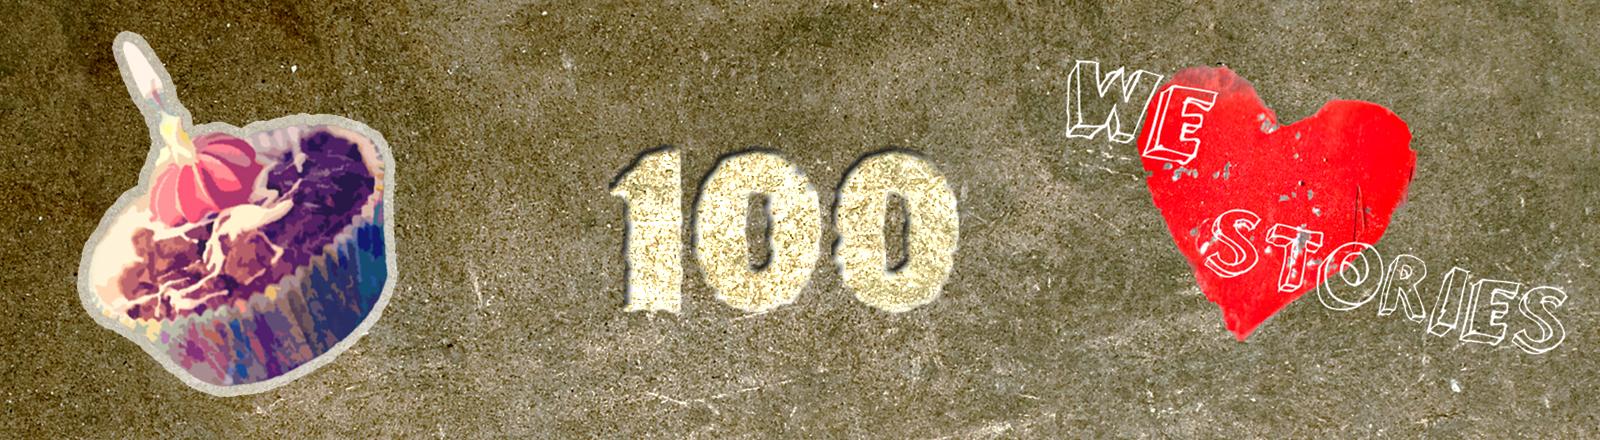 Collage: Törtchen, Wir lieben gute Geschichten, 100